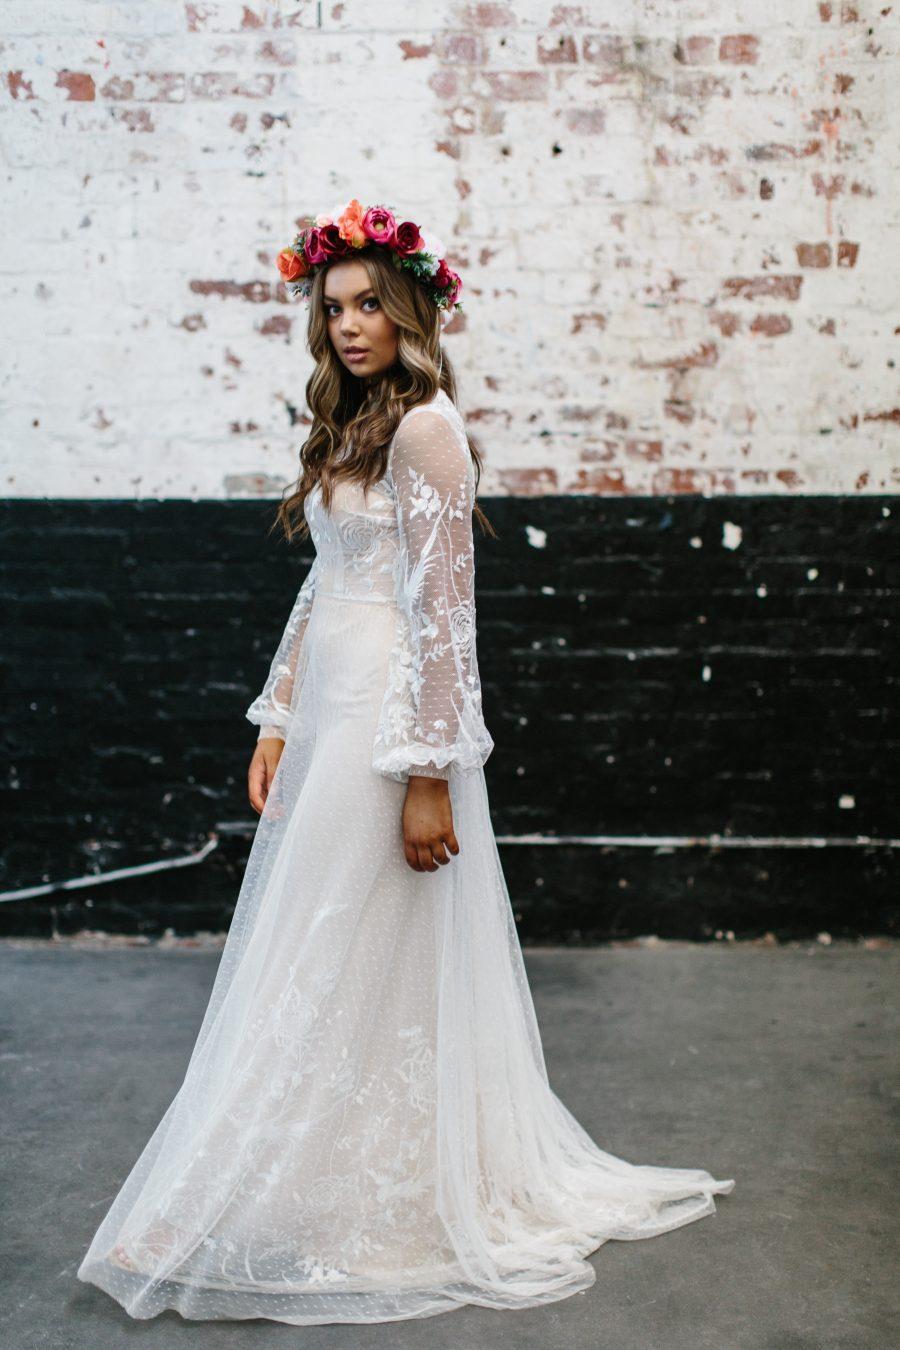 Celine wedding dress by Jennifer Gifford Bridal